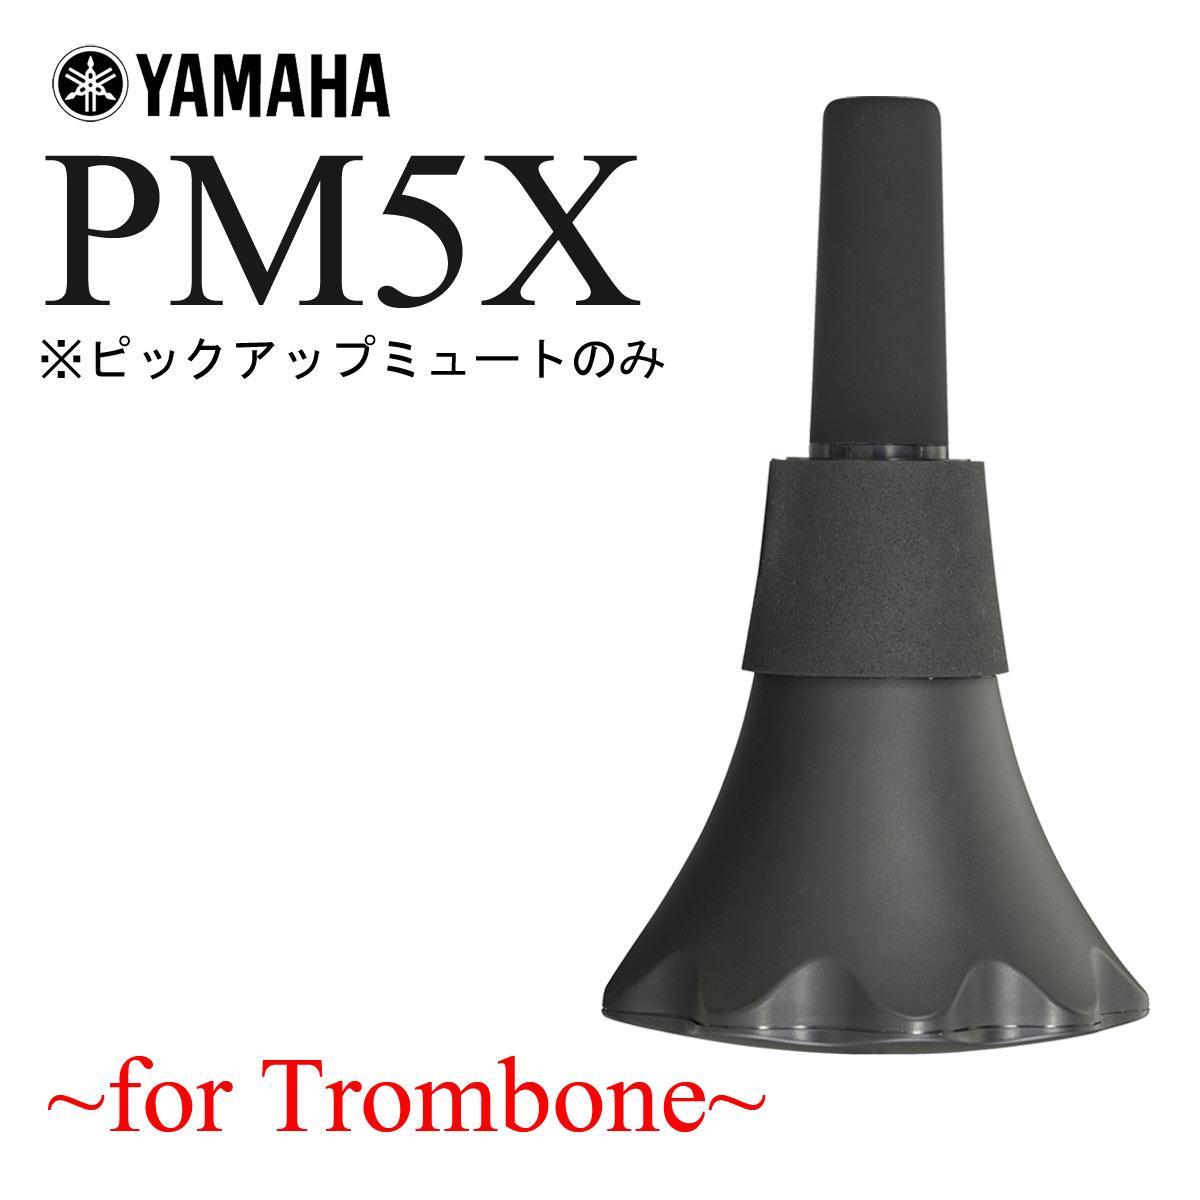 YAMAHA / SILENT BRASS PM5X ヤマハ サイレントブラス ピックアップミュートのみ テナートロンボーン・テナーバストロンボーン用